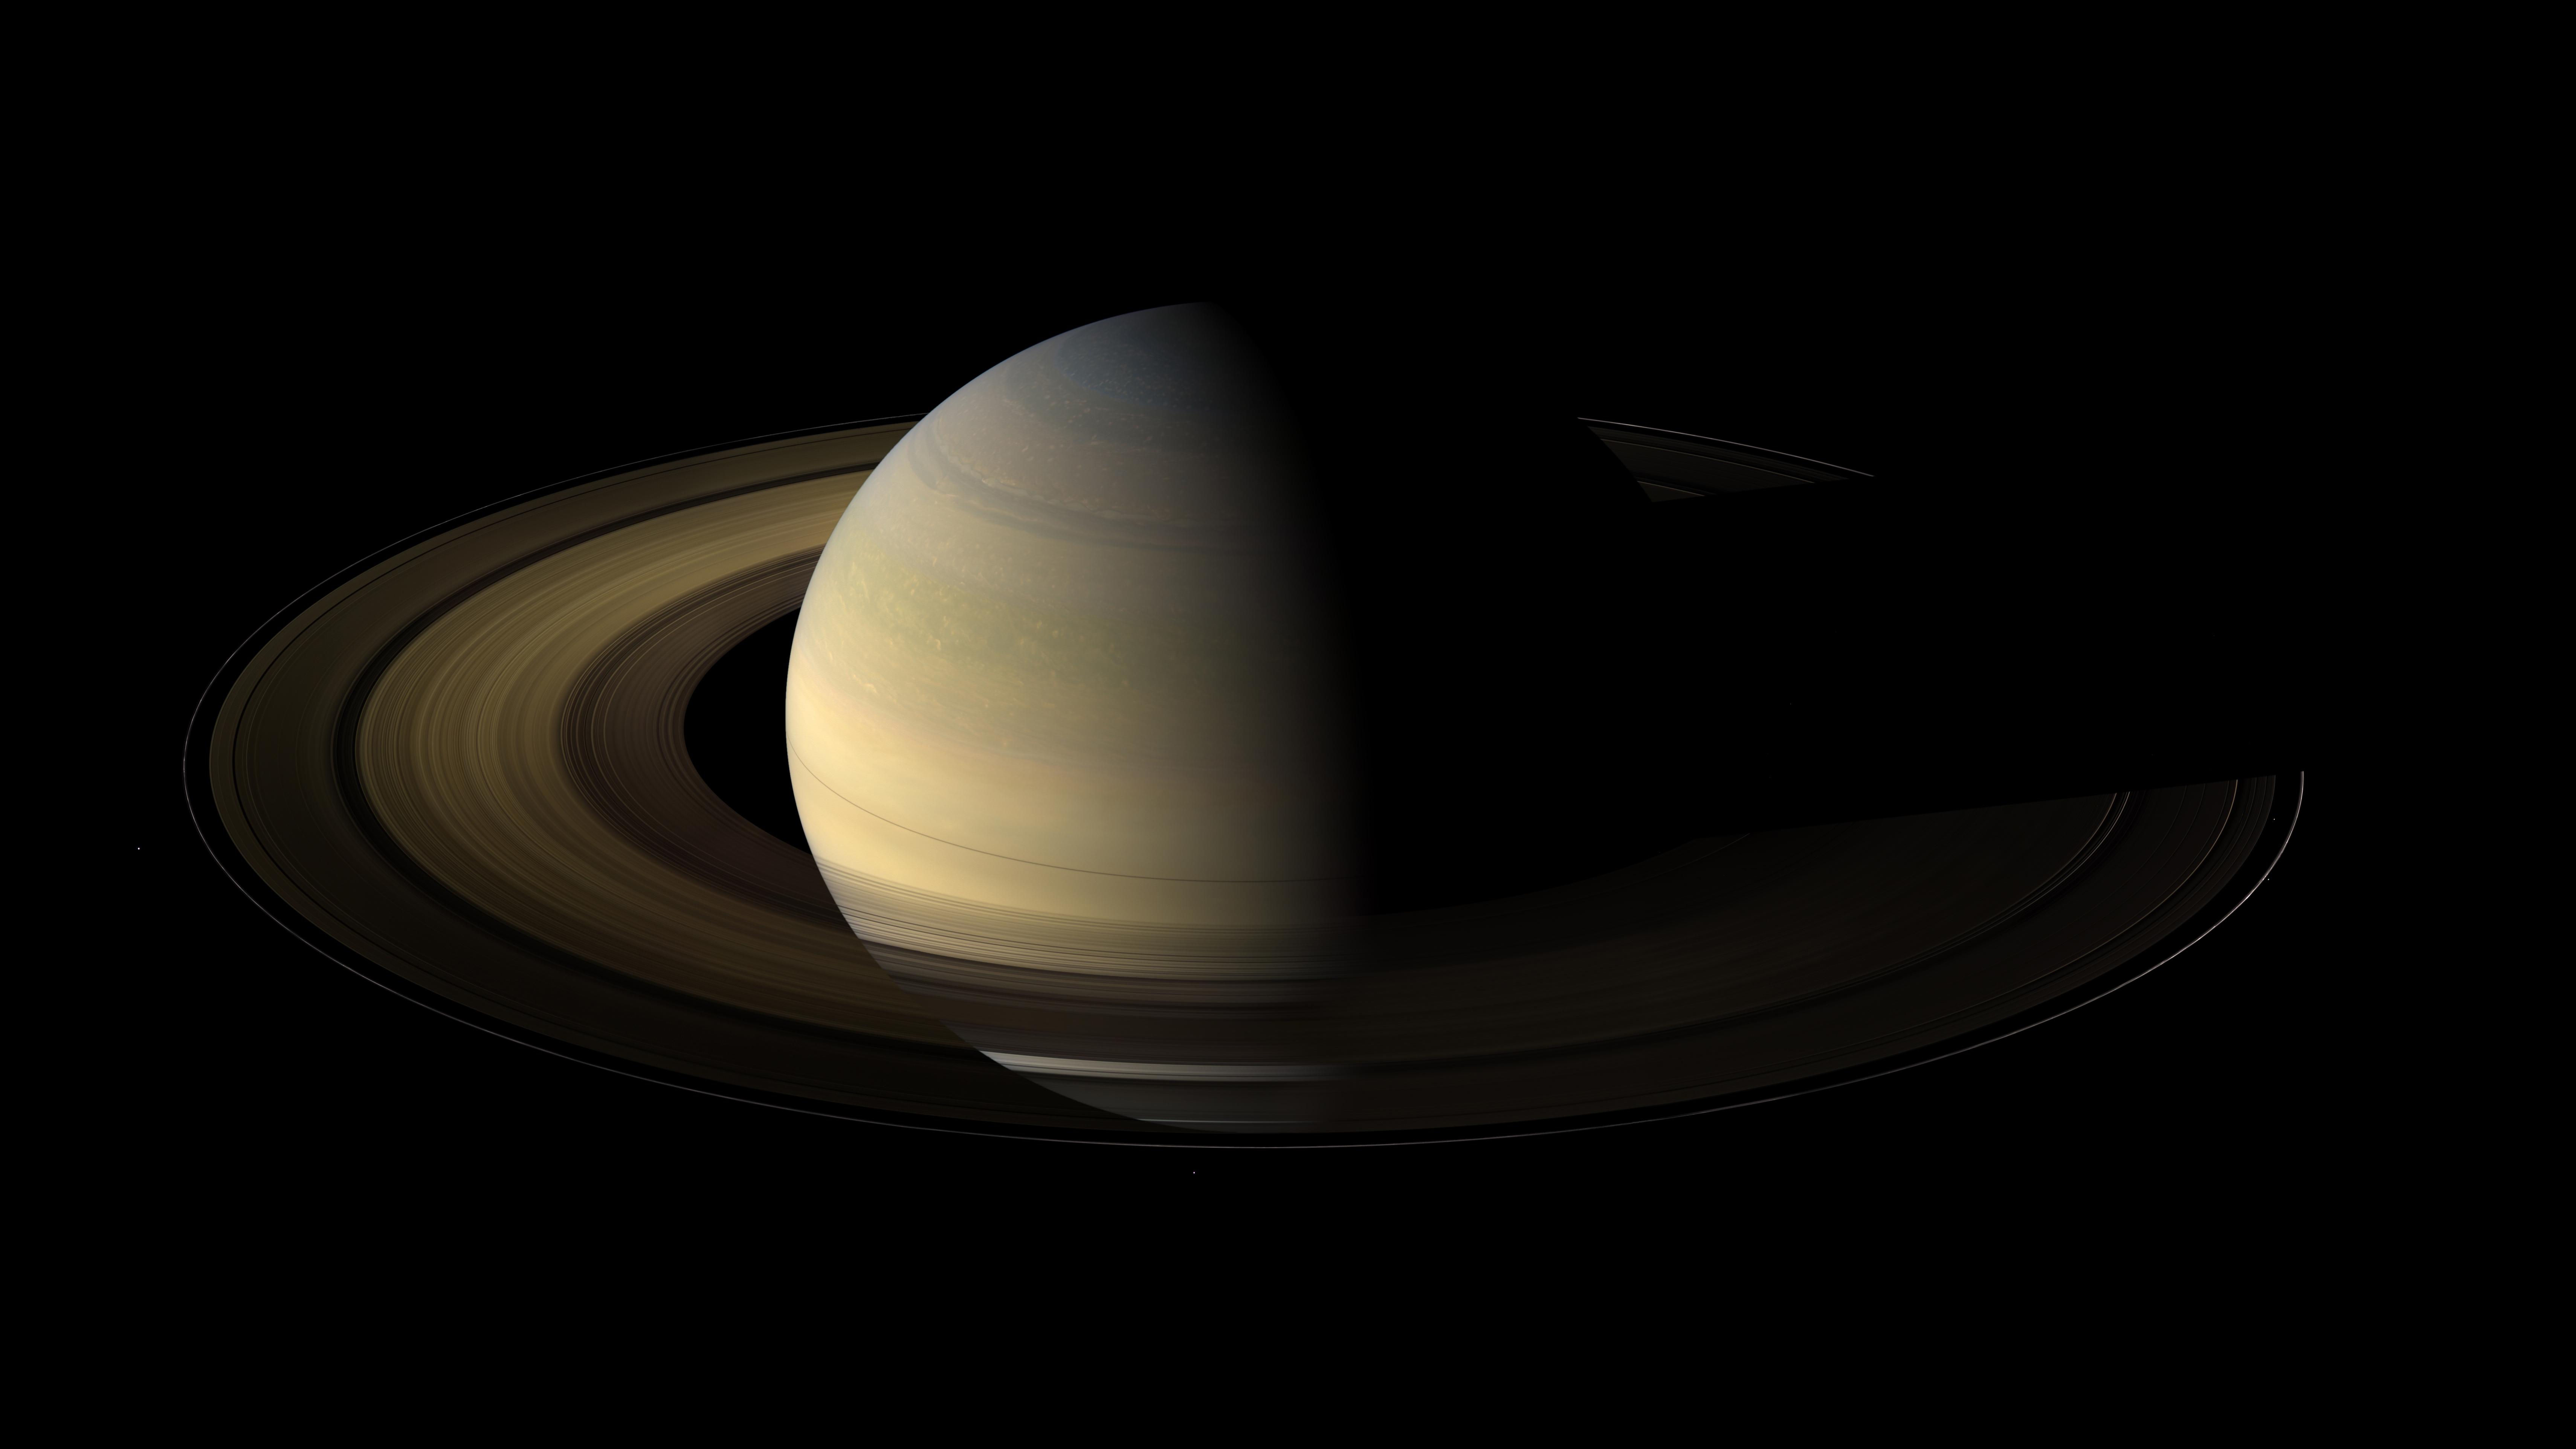 cassini saturn satellite - photo #37